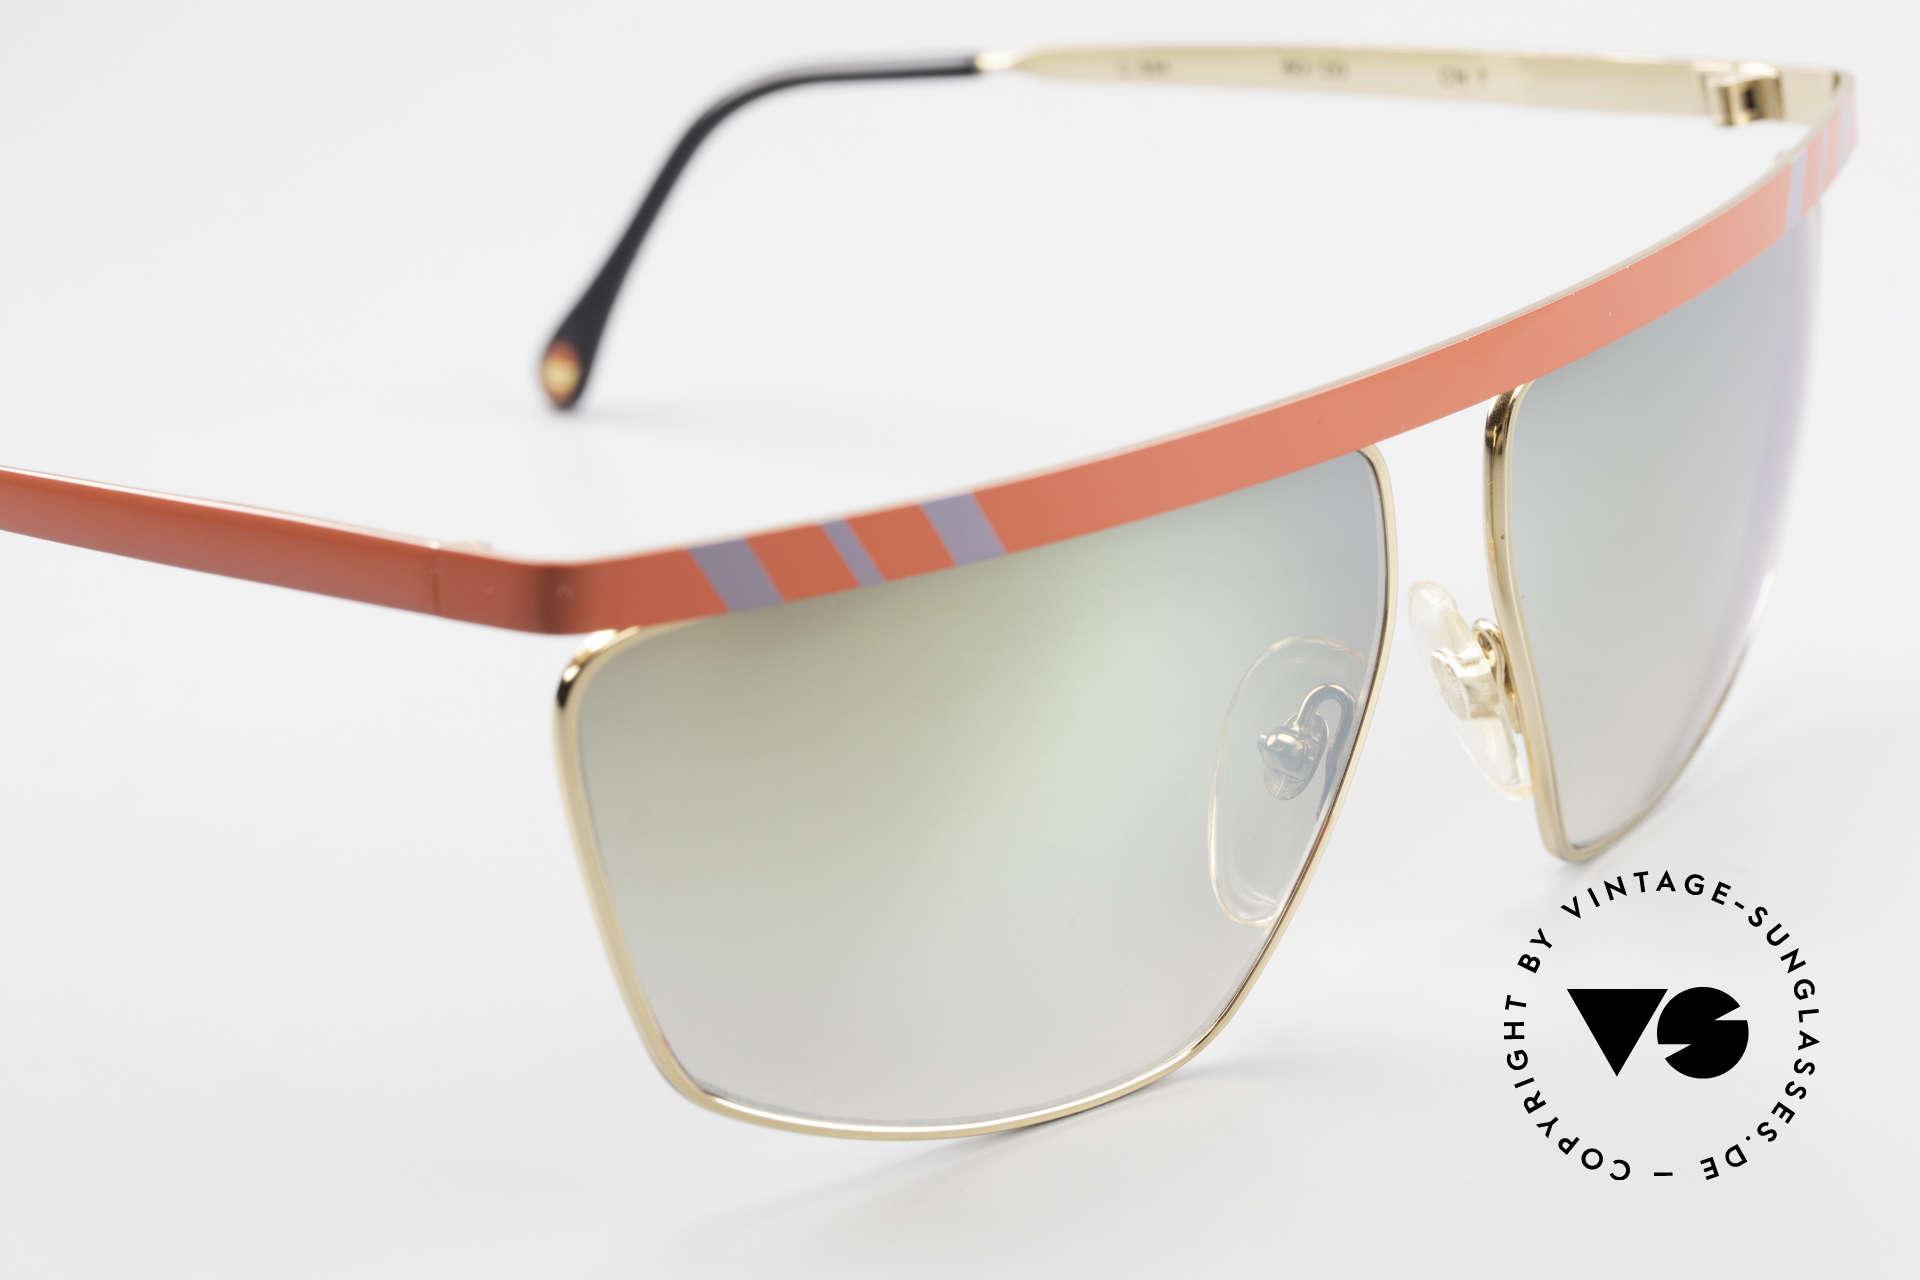 Casanova CN7 Luxury Sunglasses Mirrored, NO RETRO sunglasses, but a true vintage ORIGINAL, Made for Men and Women